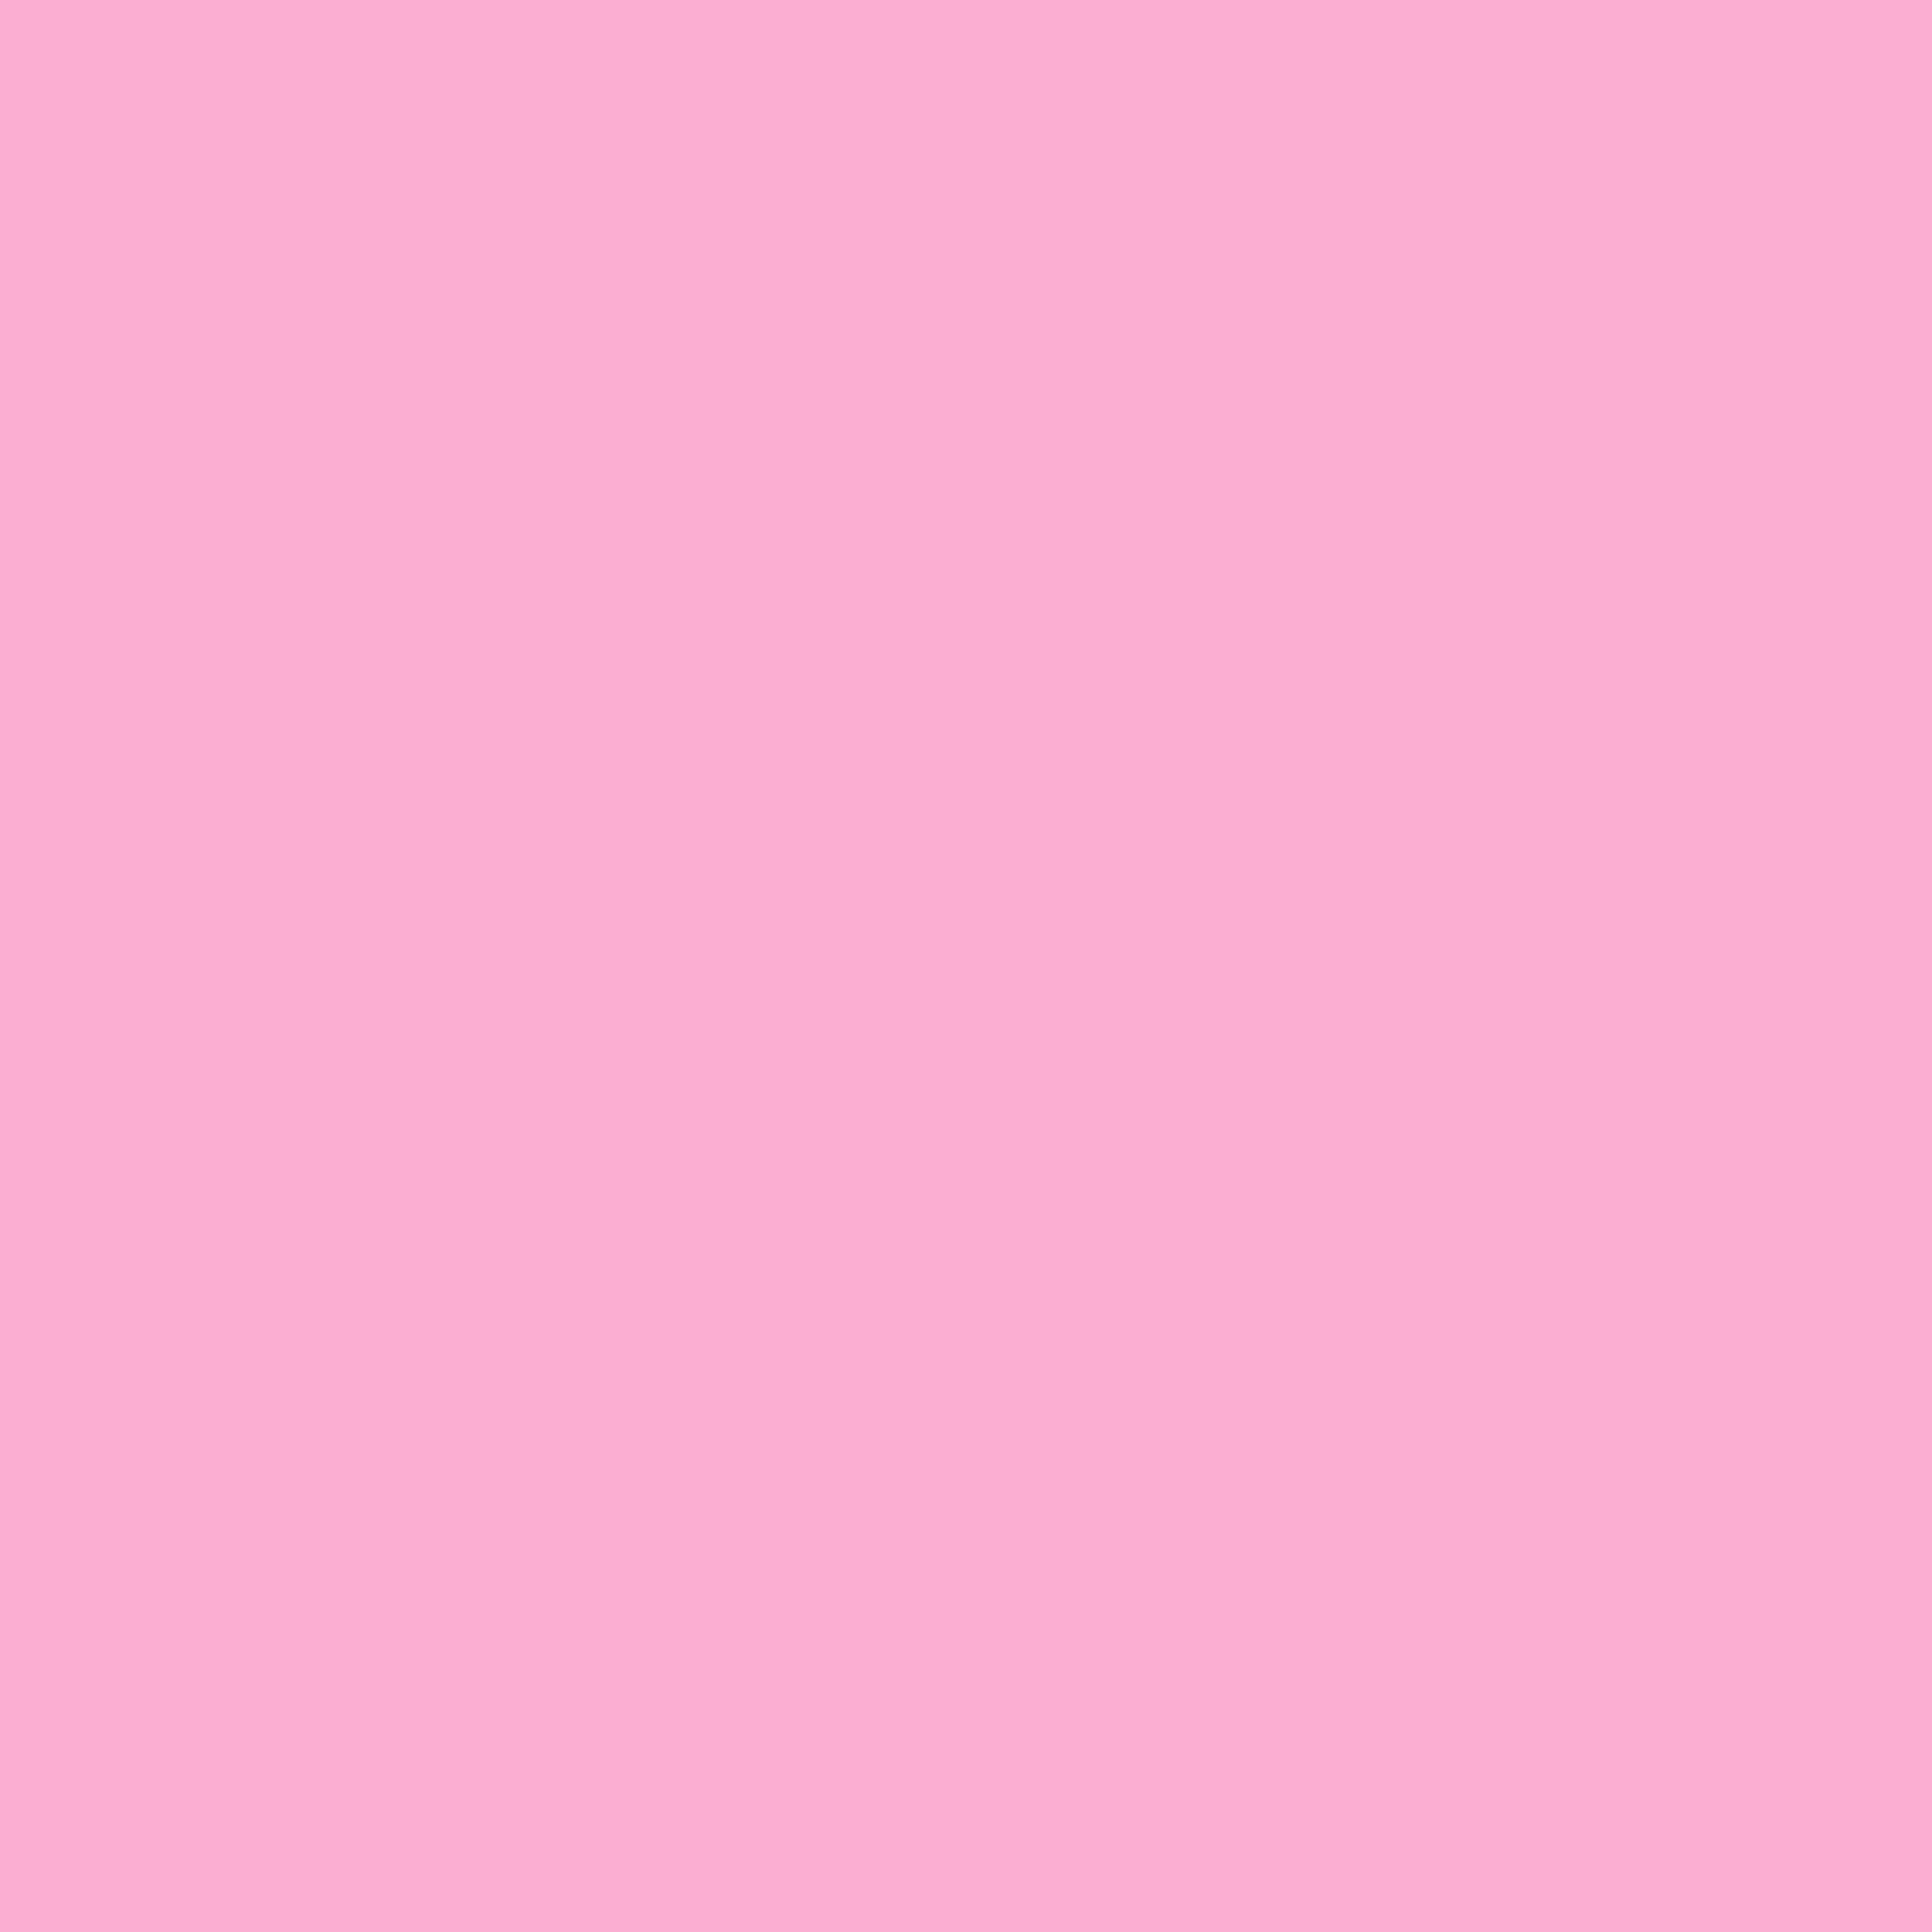 2732x2732 Lavender Pink Solid Color Background